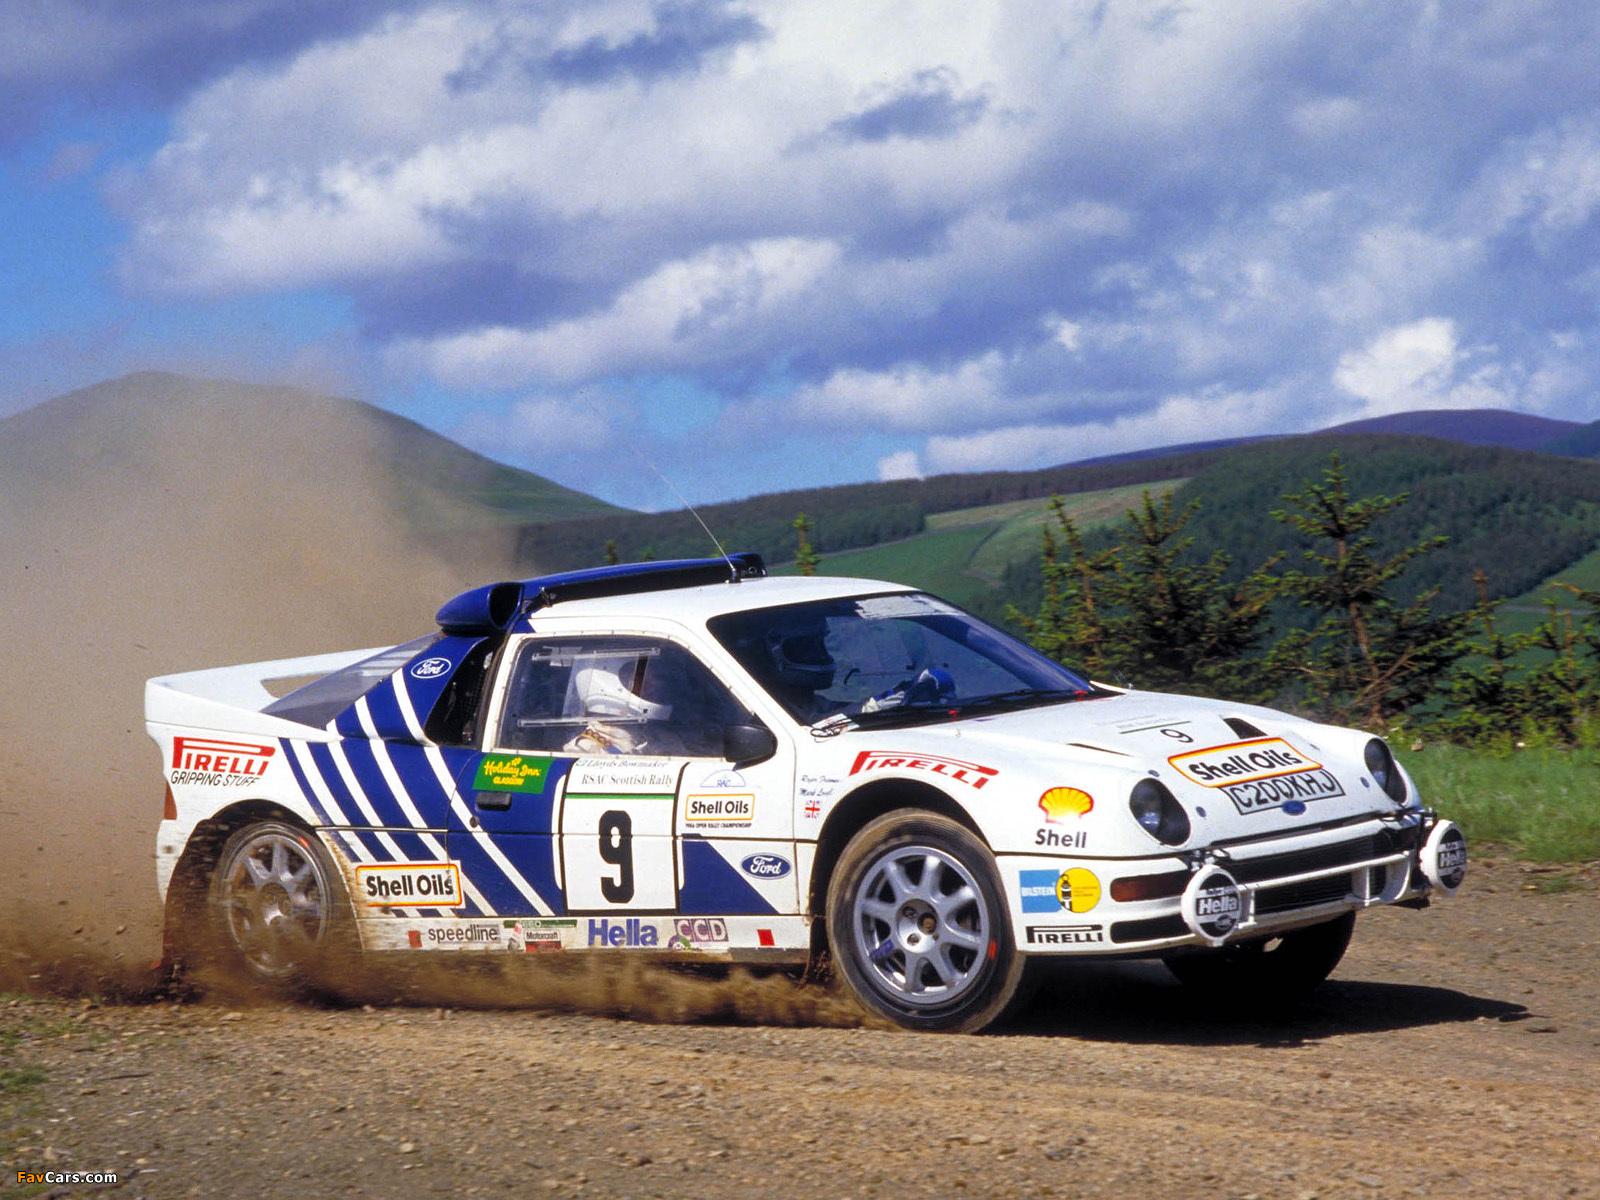 Ford RS200 Group B Rally Car photos 1600 x 1200 1600x1200